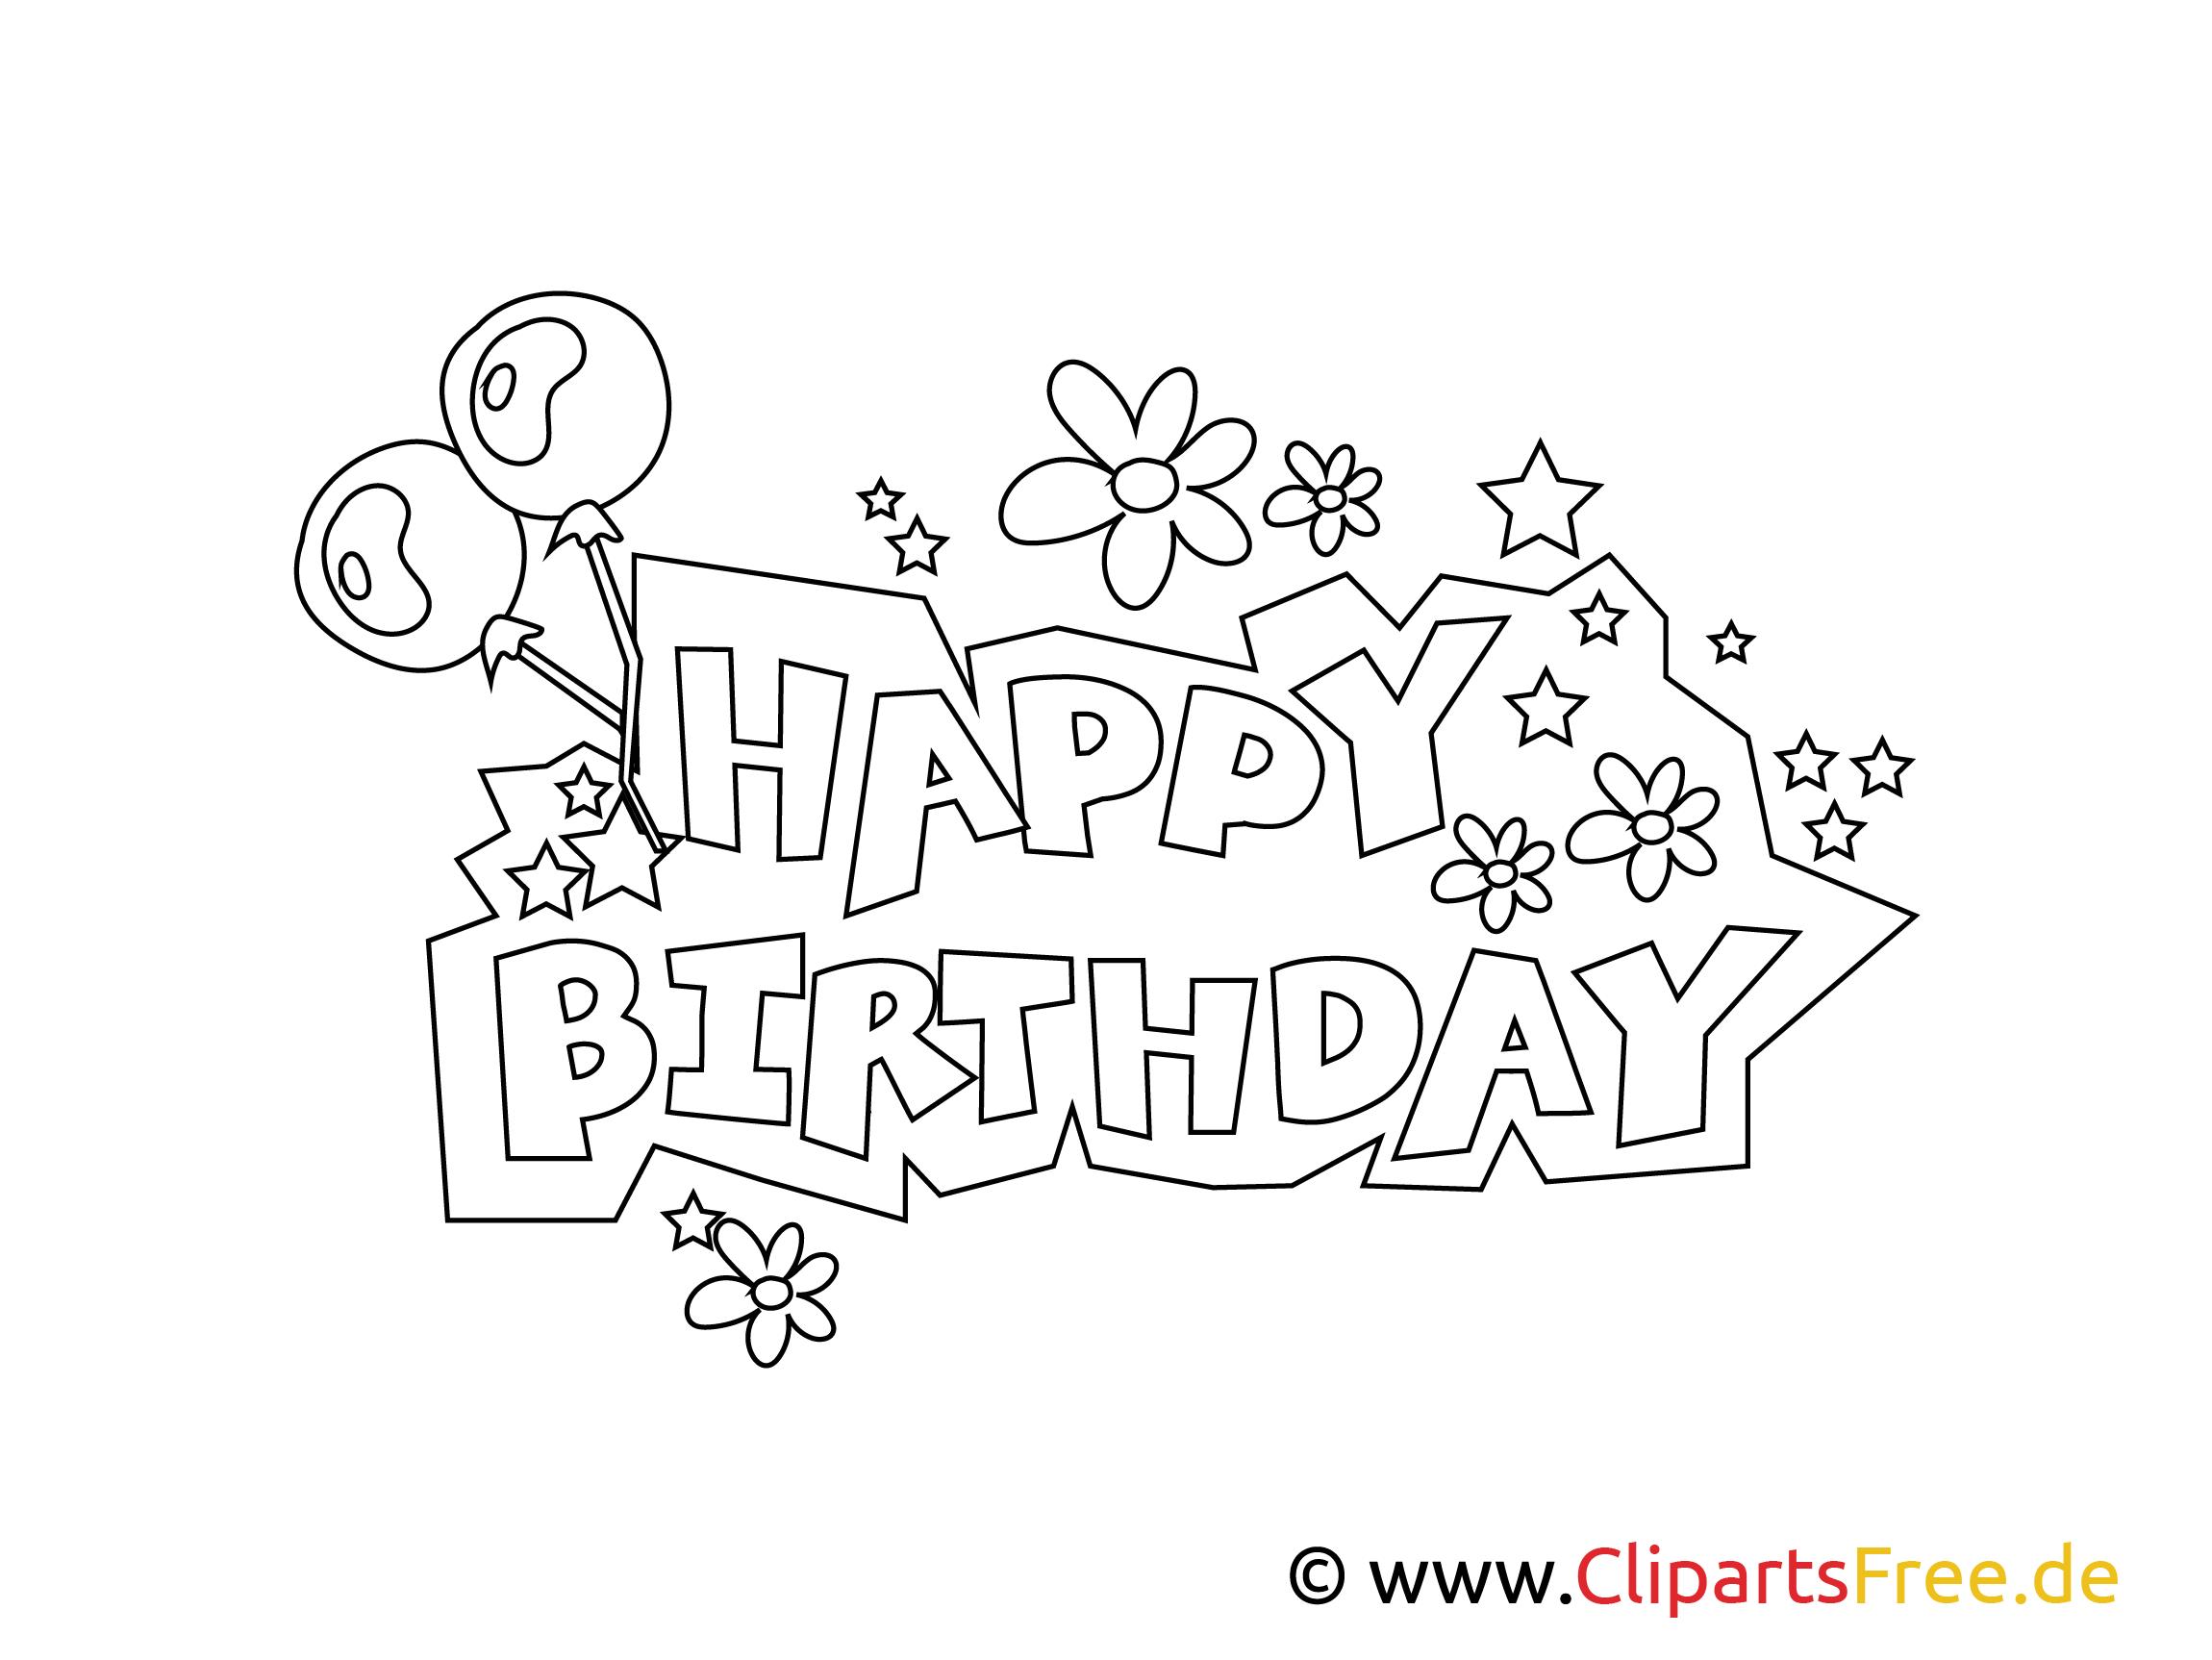 Ausmalbilder Zum Ausdrucken Happy Birthday - Kostenlos zum ...